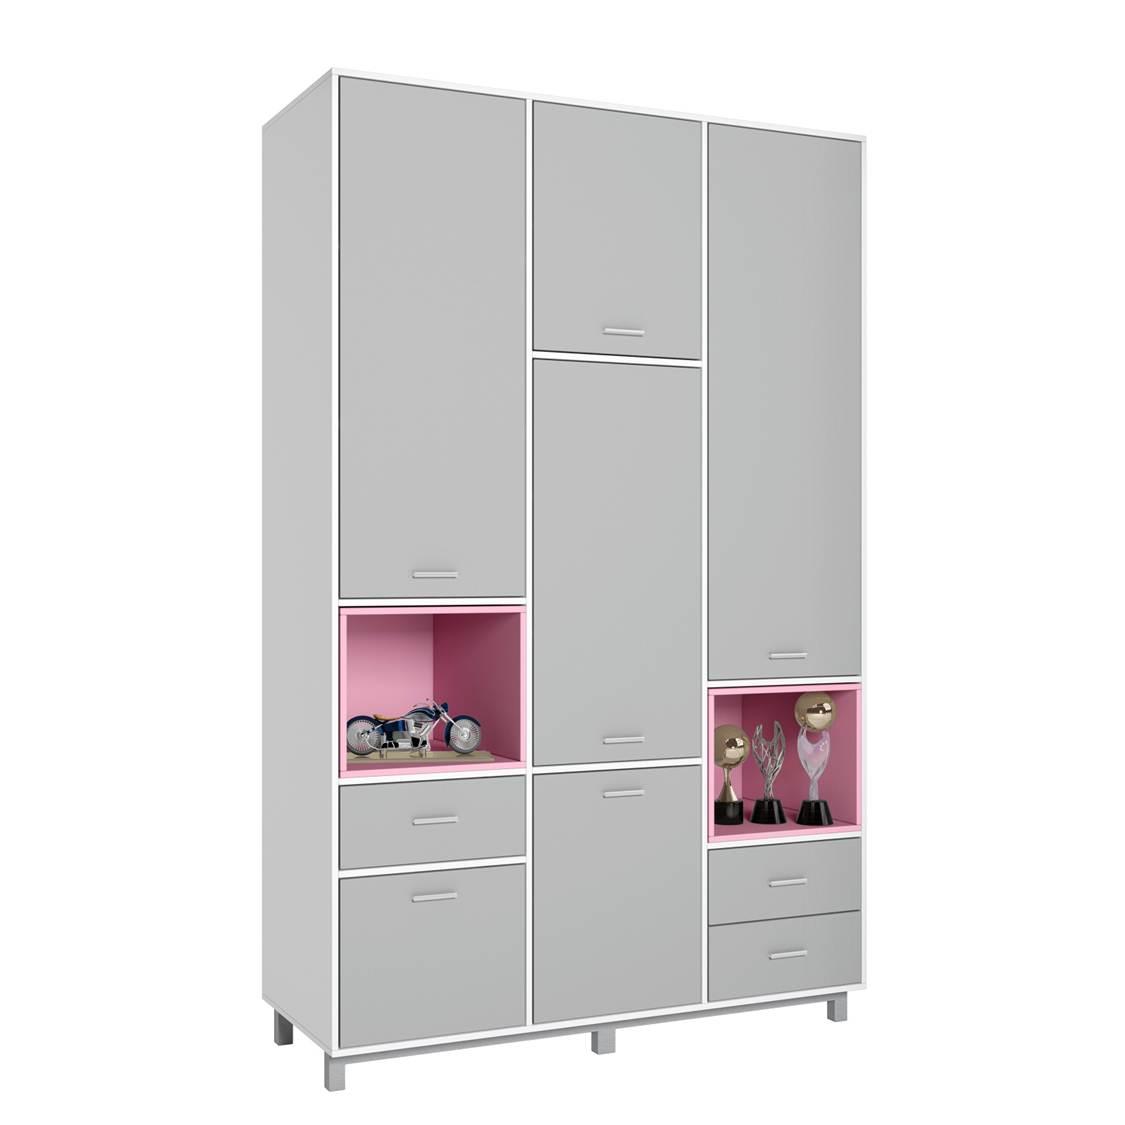 Купить Детский шкаф трехсекционный Polini kids Mirum 2335 белый-серый/розовый, Шкафы в детскую комнату